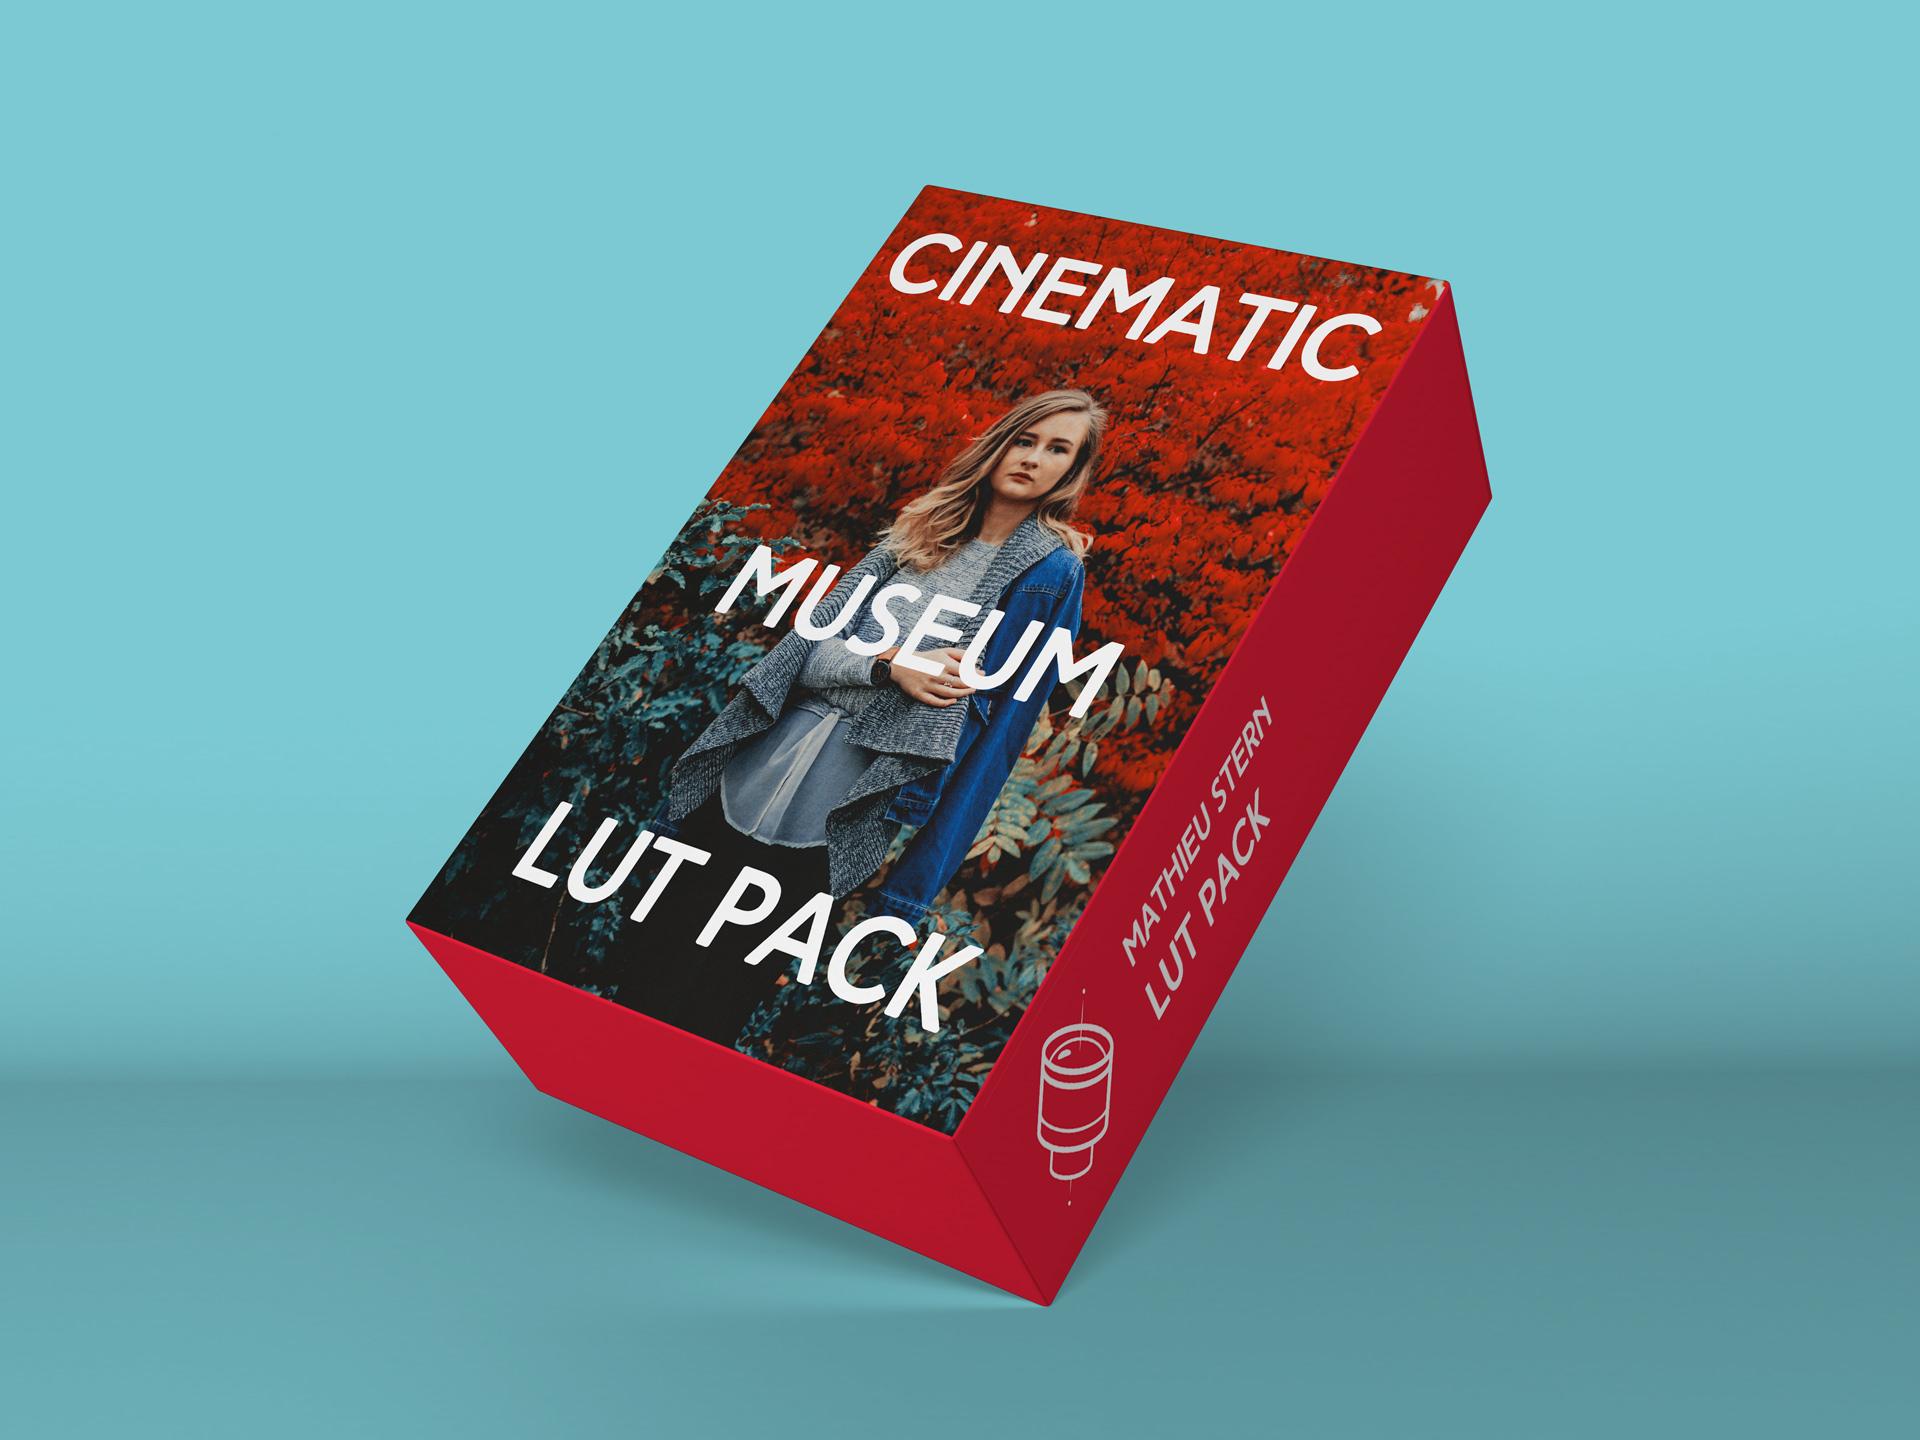 cinematic-museum-pack.jpg